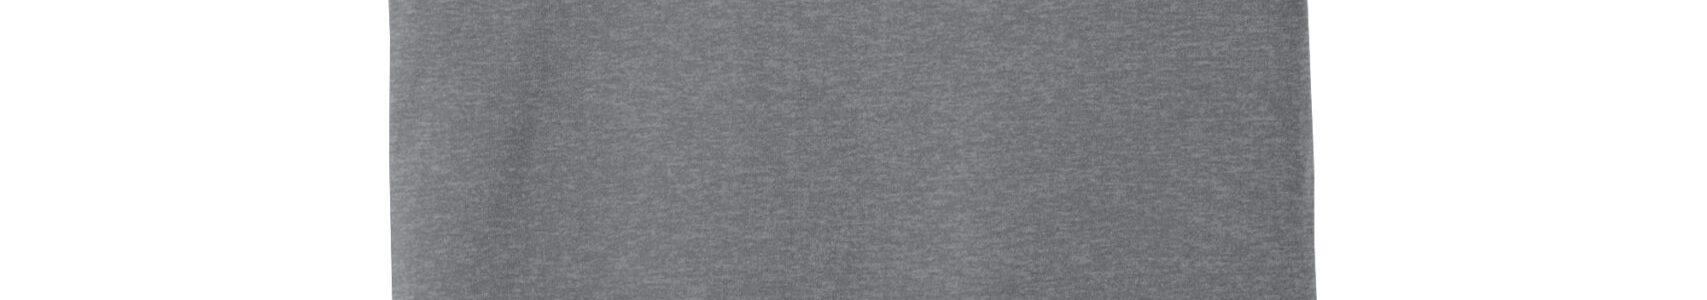 IFCH ER CVC Blend Short Sleeve Shirt